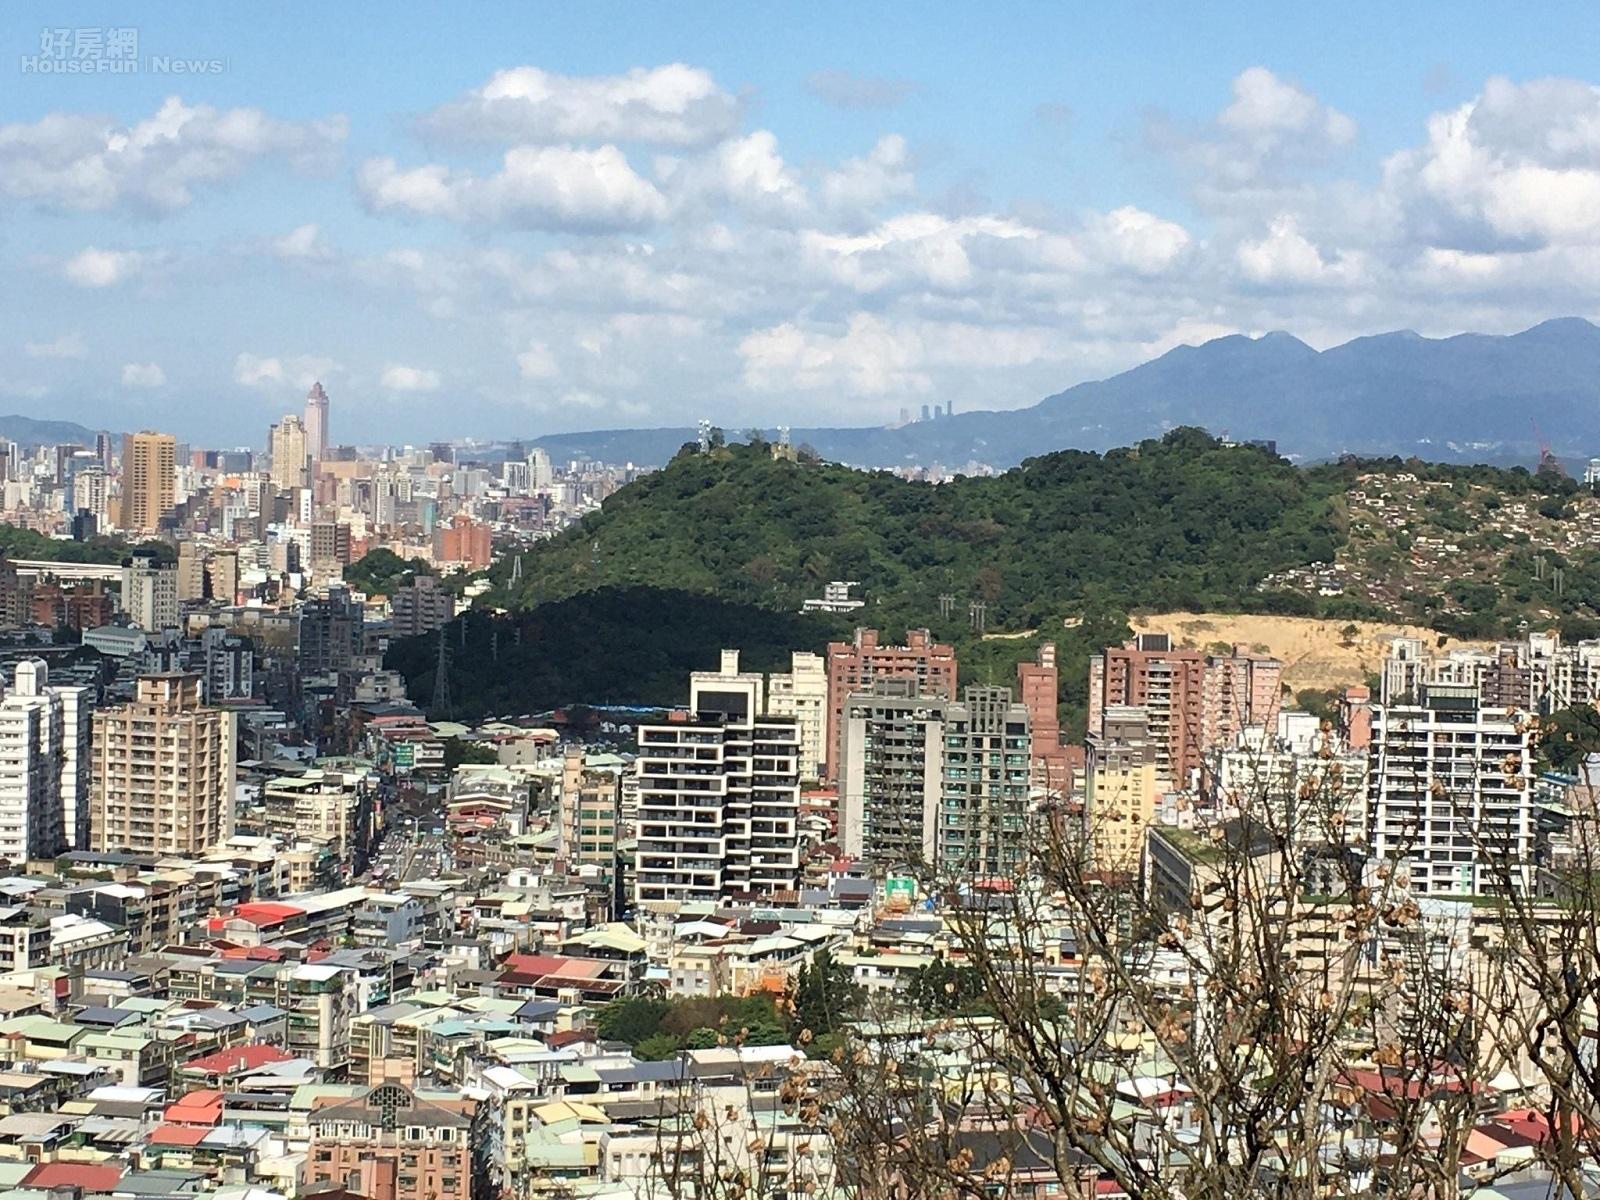 台北市文山區街景(好房網News記者羅力元攝影)